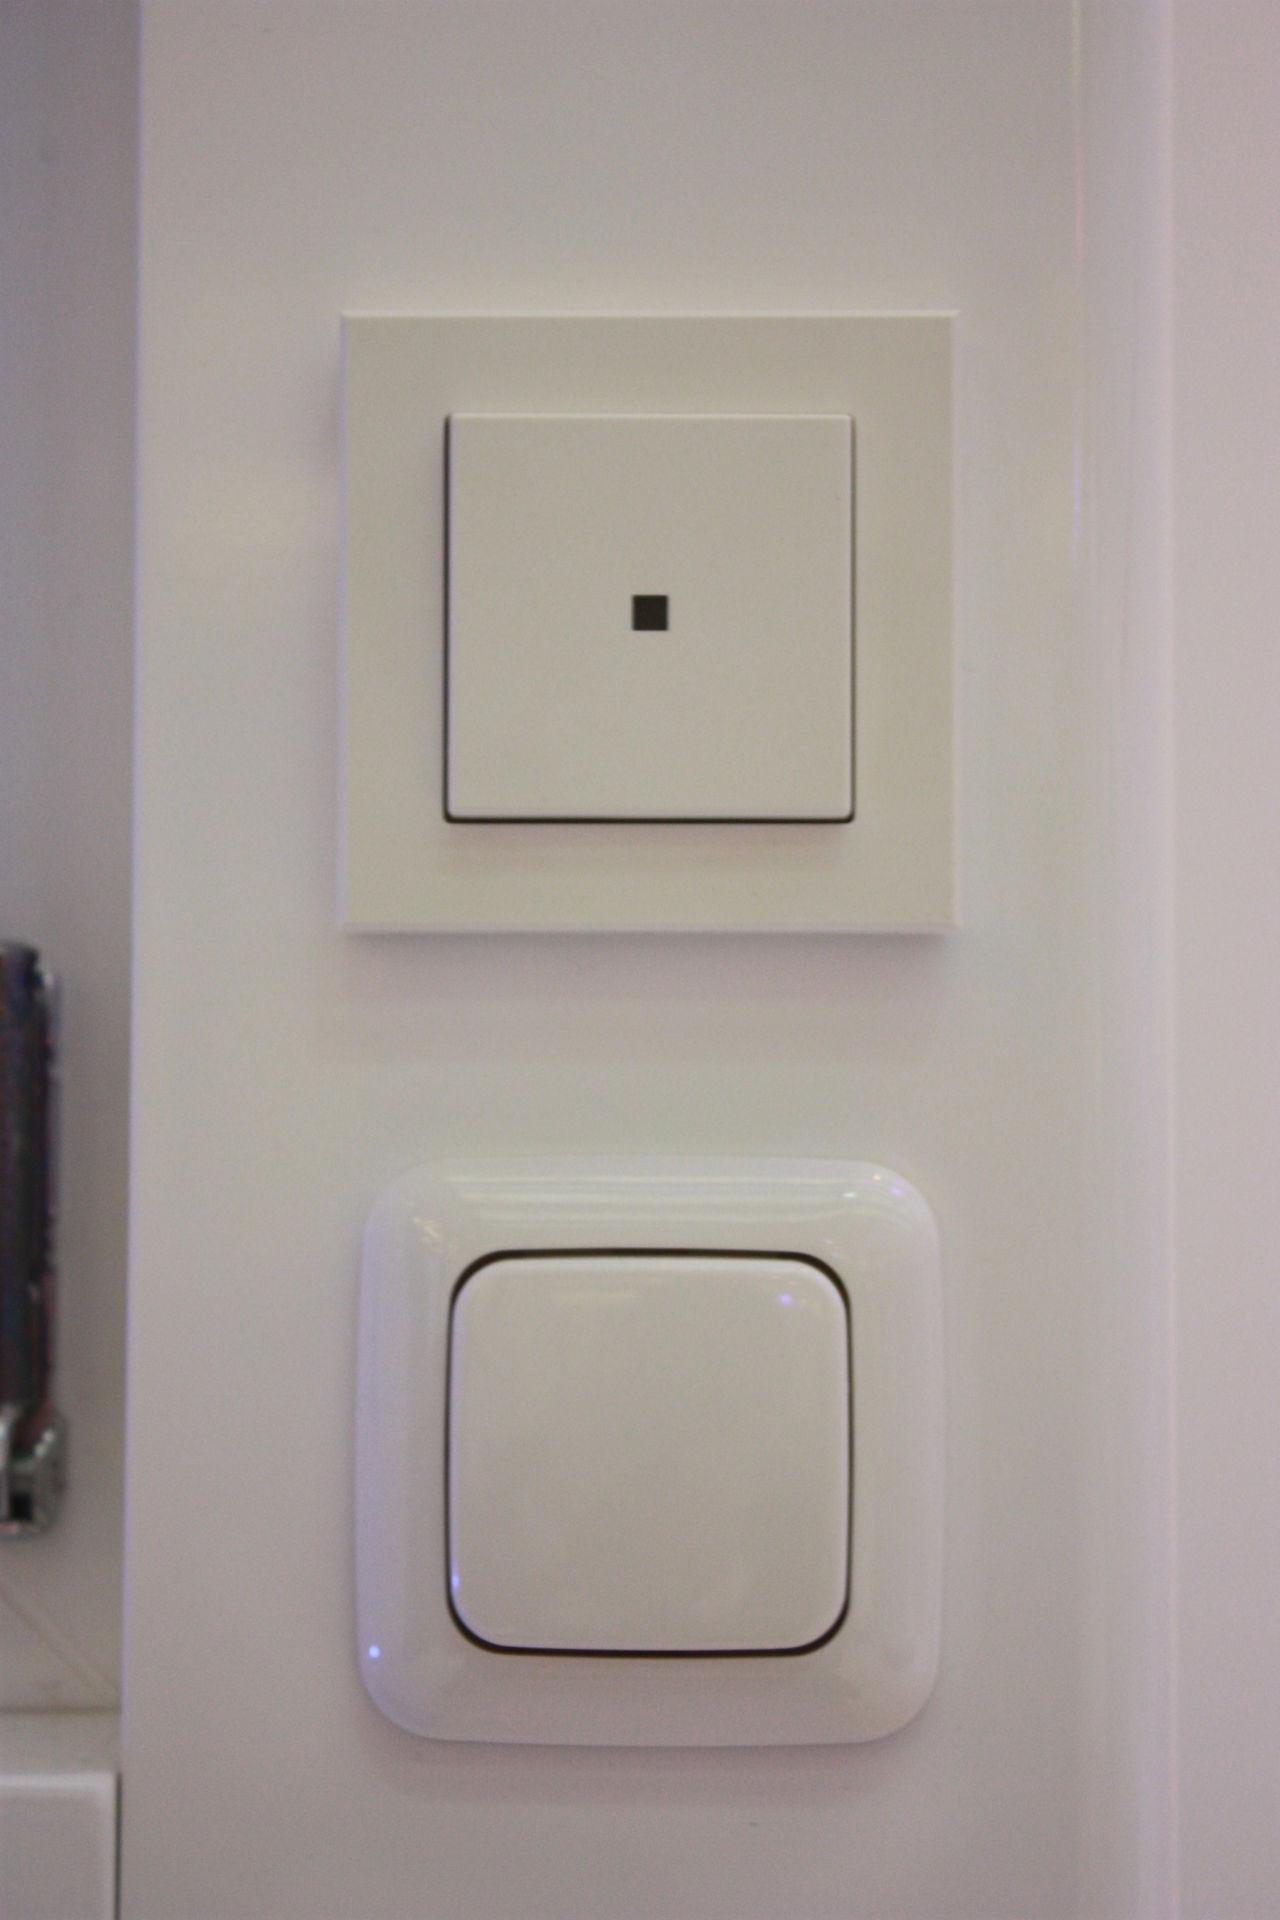 Funk-Wandtaster 2-fach batteriebetrieben (oben) und Unterputzaktor für Markenschalter eQ-3 für Telekom Smart Home. Zum Bedienen von Funk-LED-Lampen und herkömmlichen, verkabelten Leuchten.